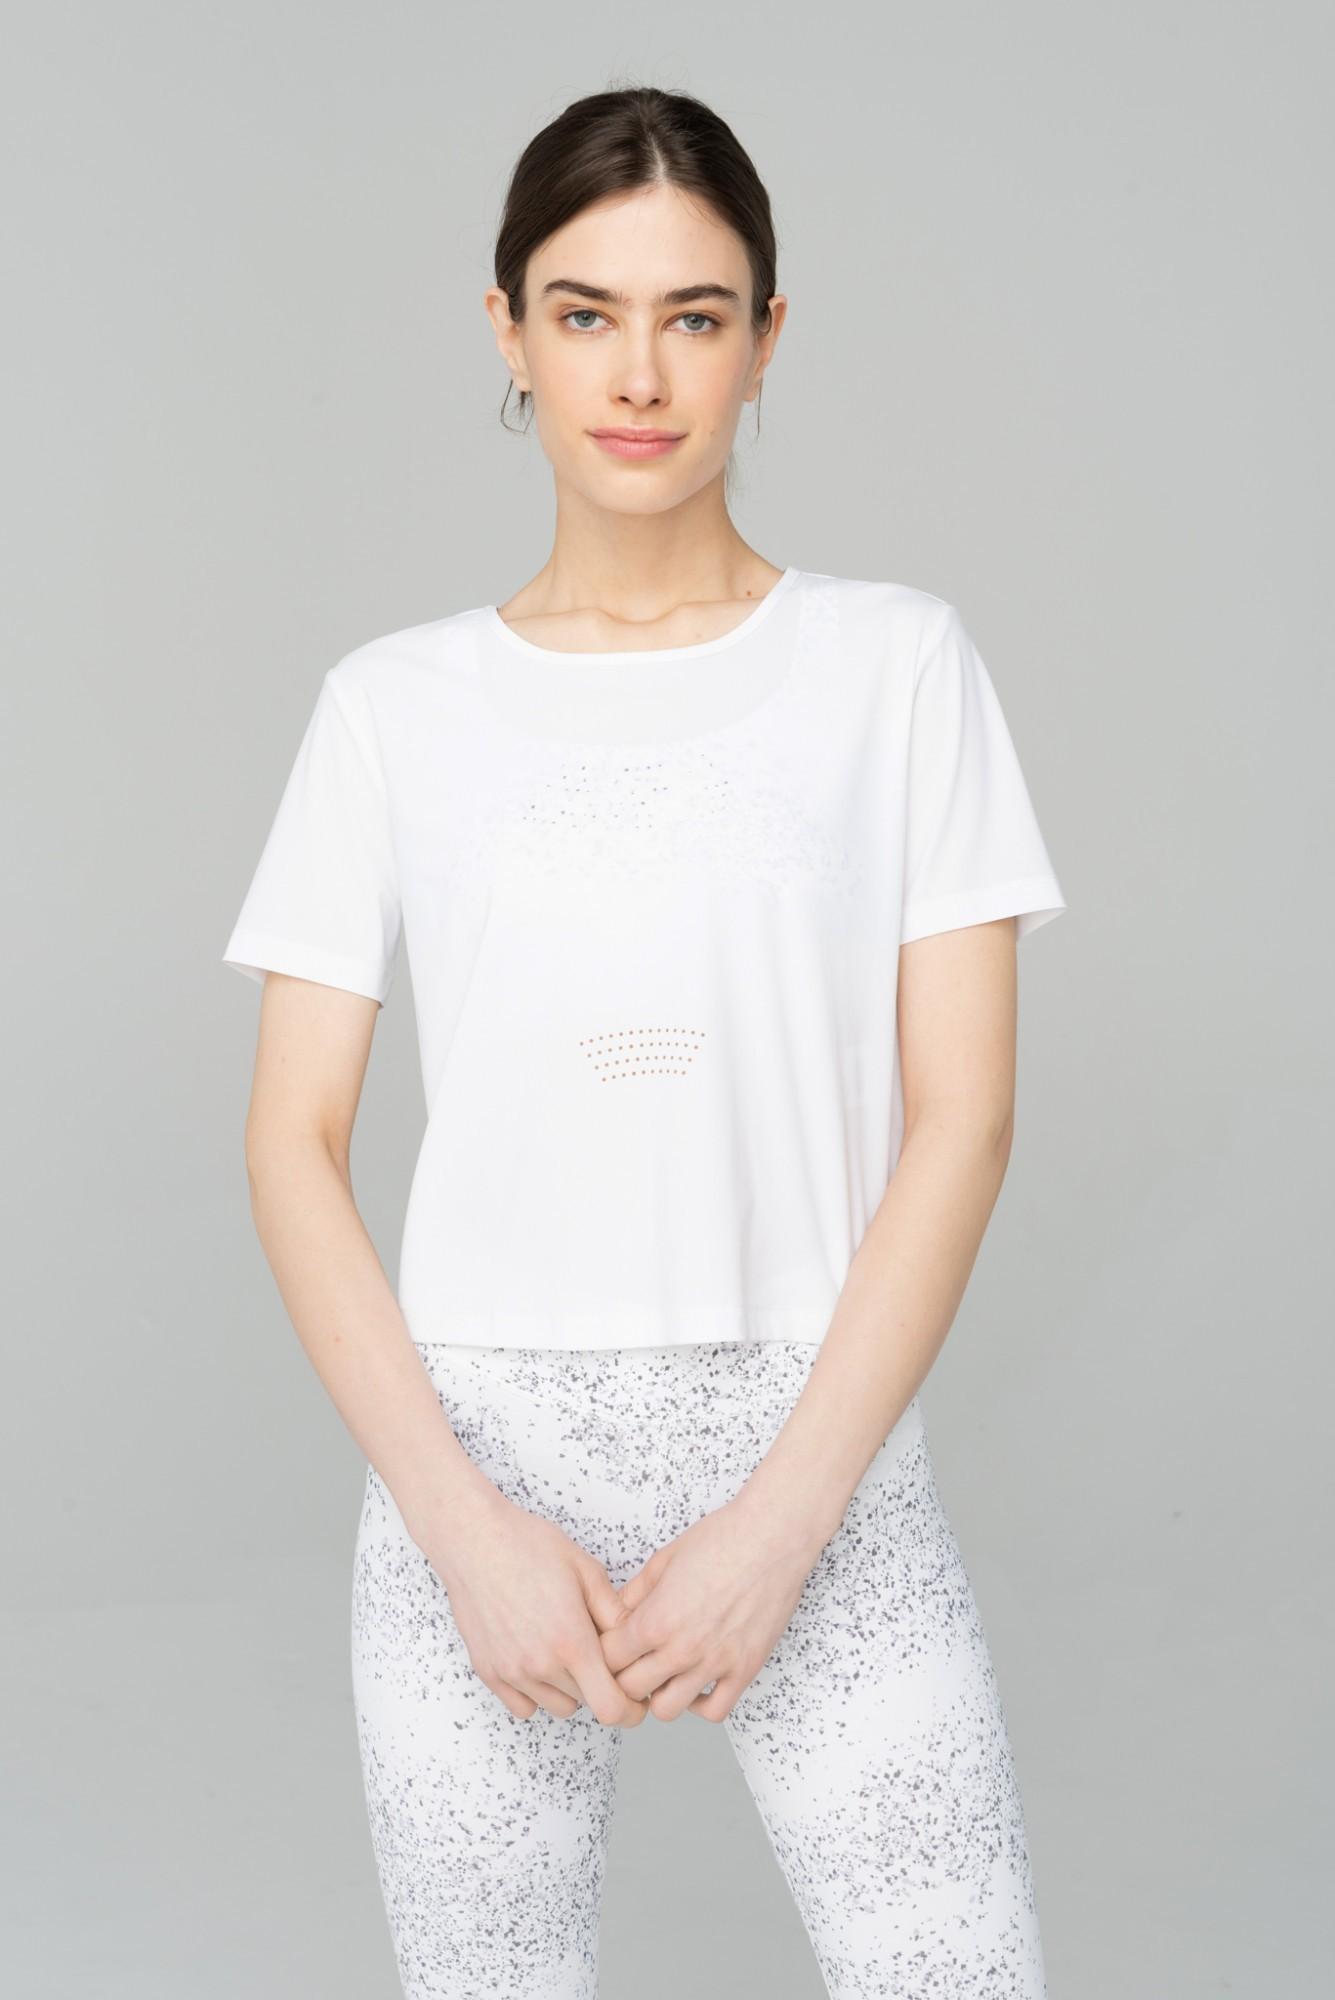 AUDIMAS Trumpi marškinėliai SENSITIVE 2111-312 White S